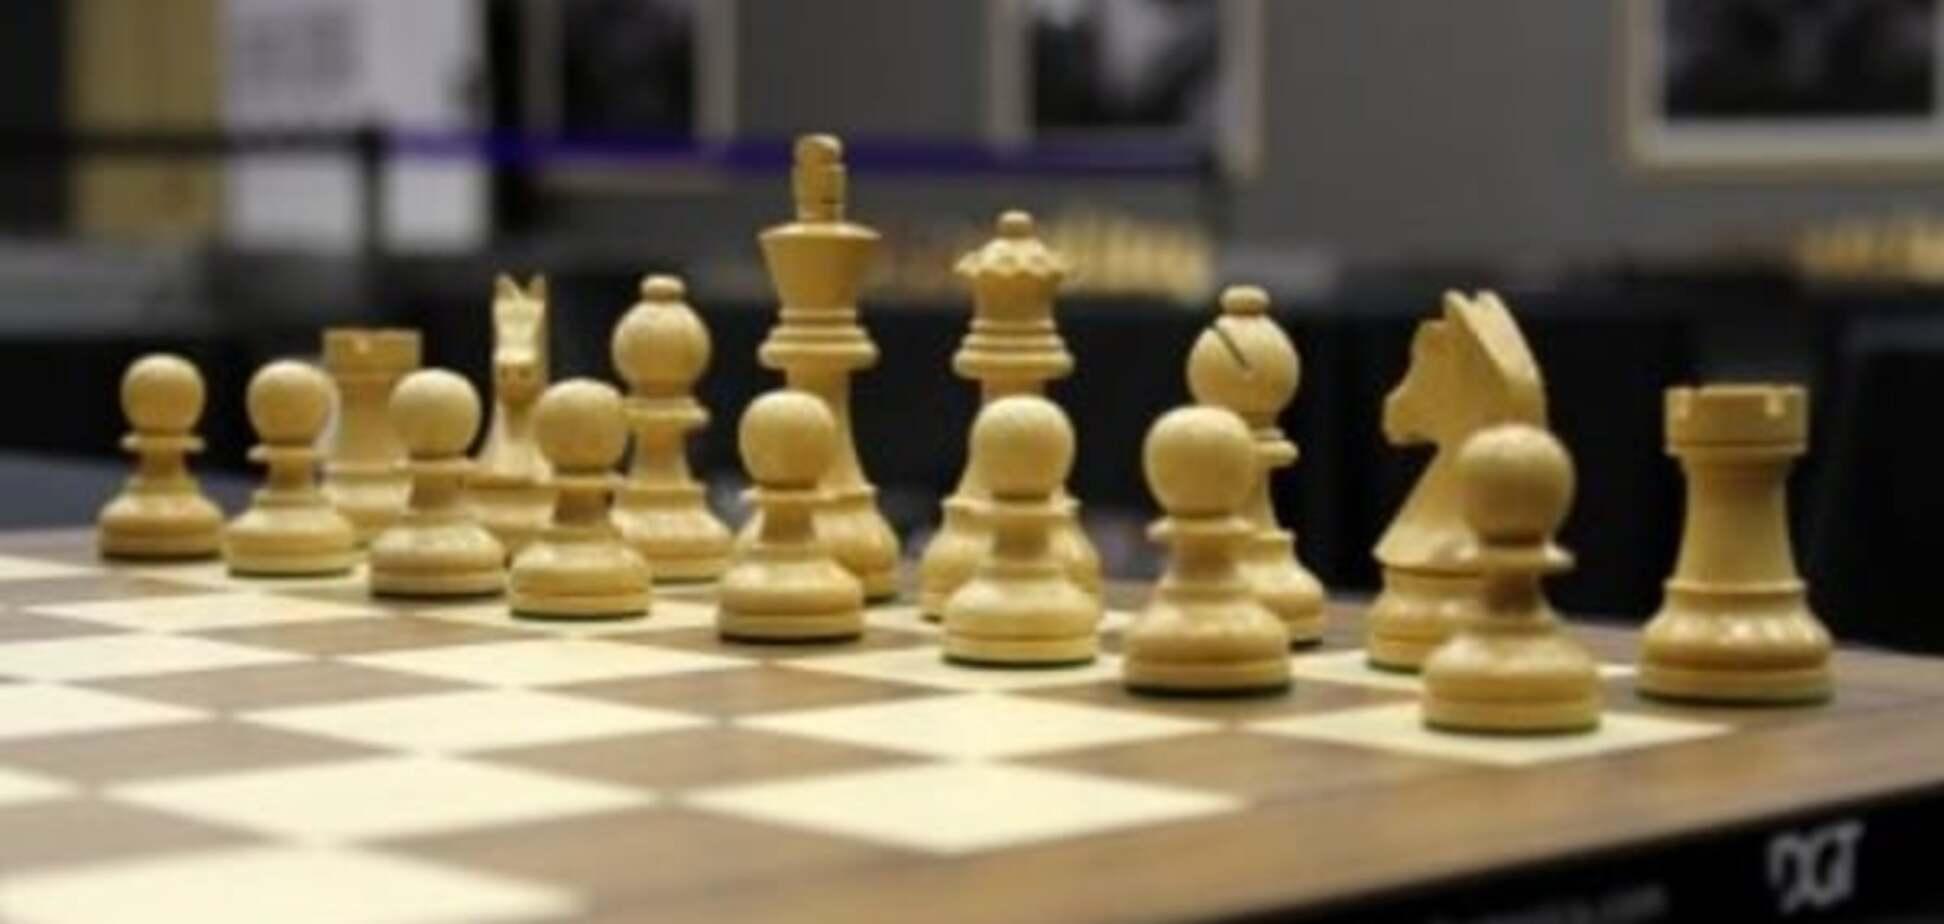 Україна ризикує втратити матч за шахову корону через санкції США